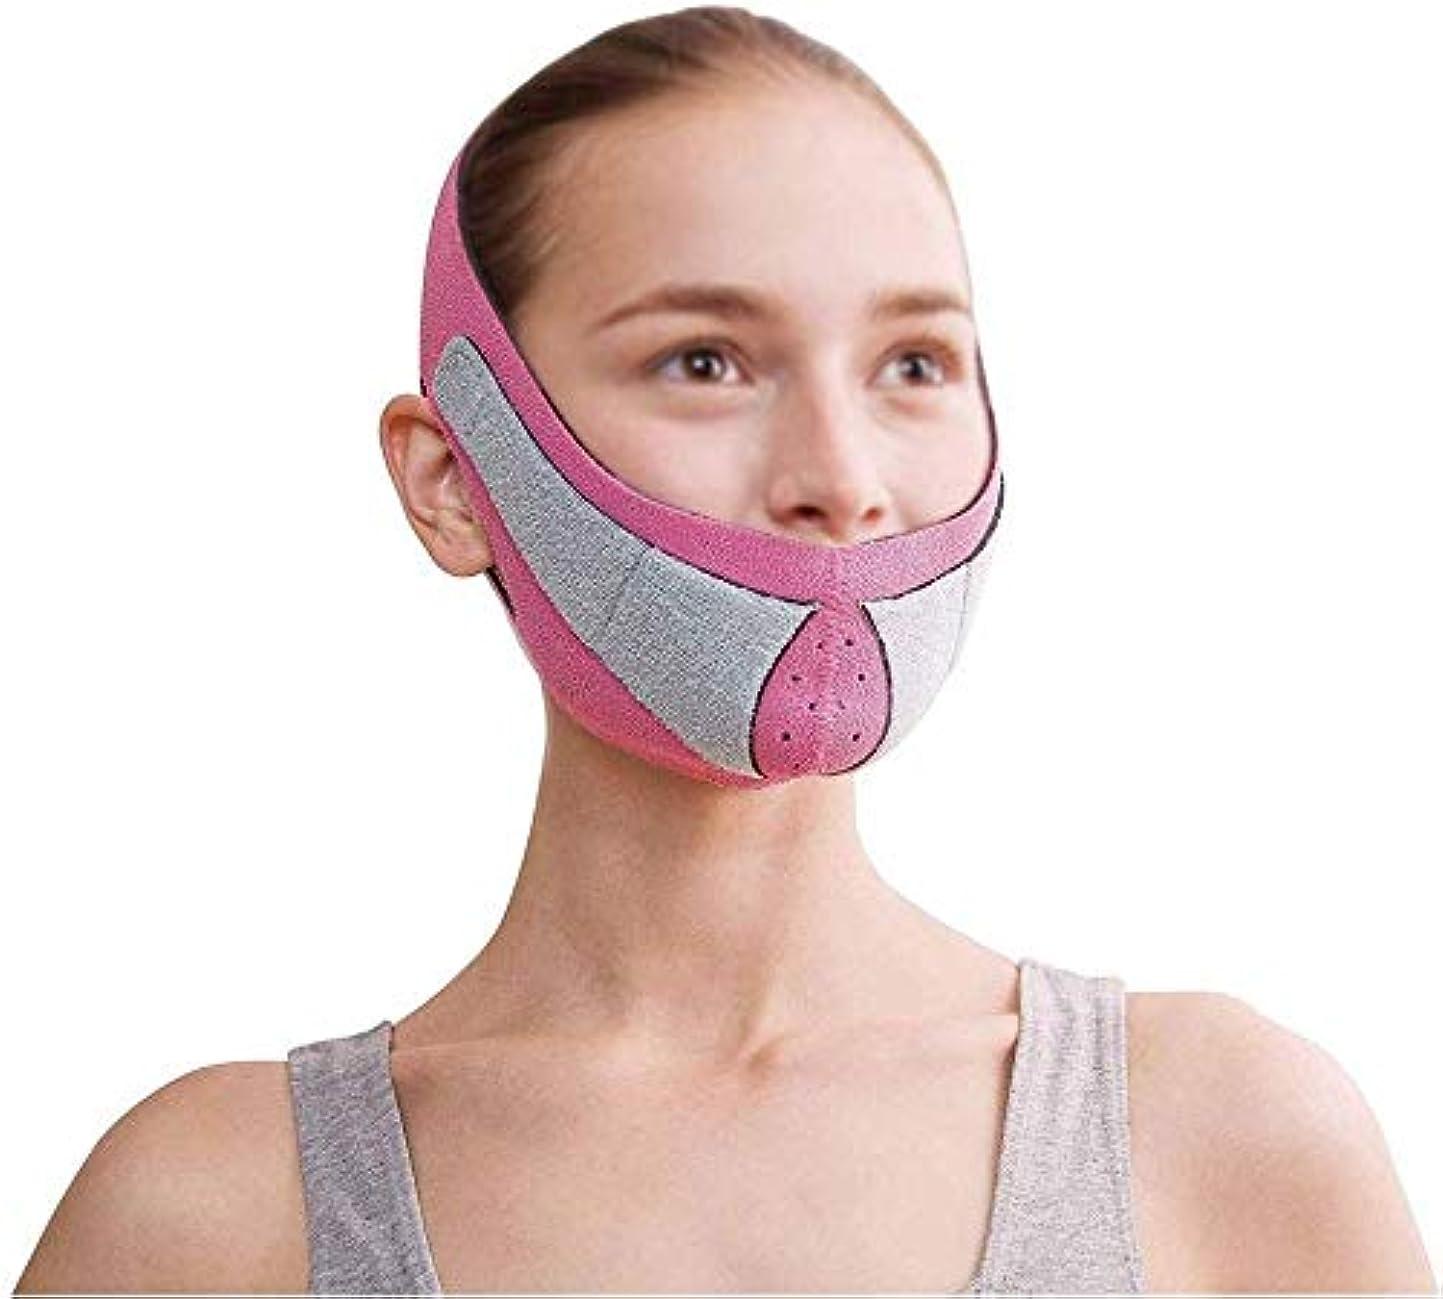 まさにプランター割り込み美容と実用的なフェイスリフトマスク、たるみ防止引き締め法パターンフェイシャルリフティングリフティングマスク